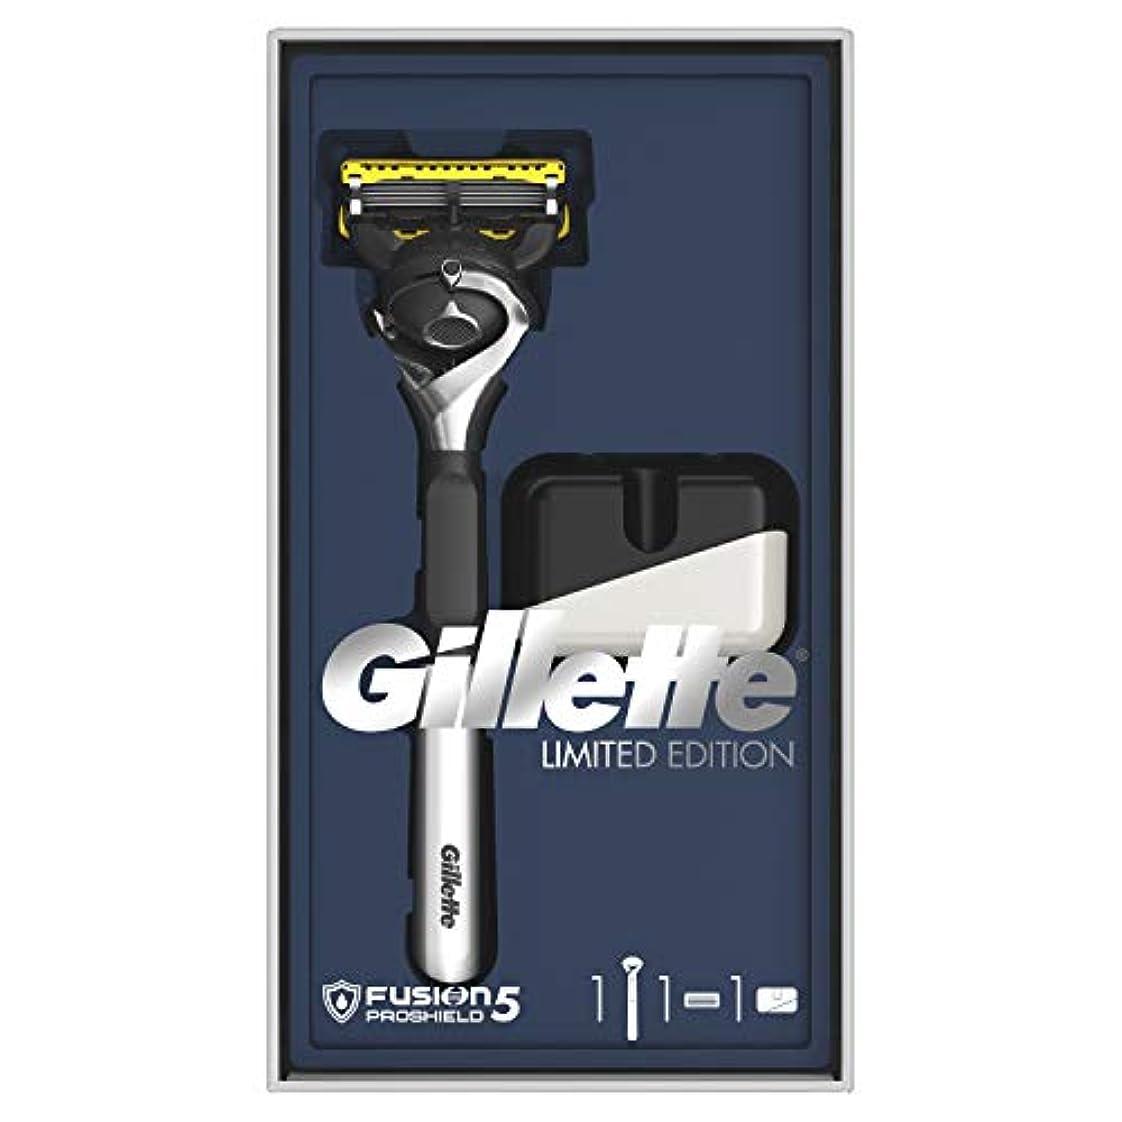 昇進アプライアンスダーツジレット プロシールド 髭剃り本体+替刃1個 オリジナルスタンド付 スペシャルパッケージ